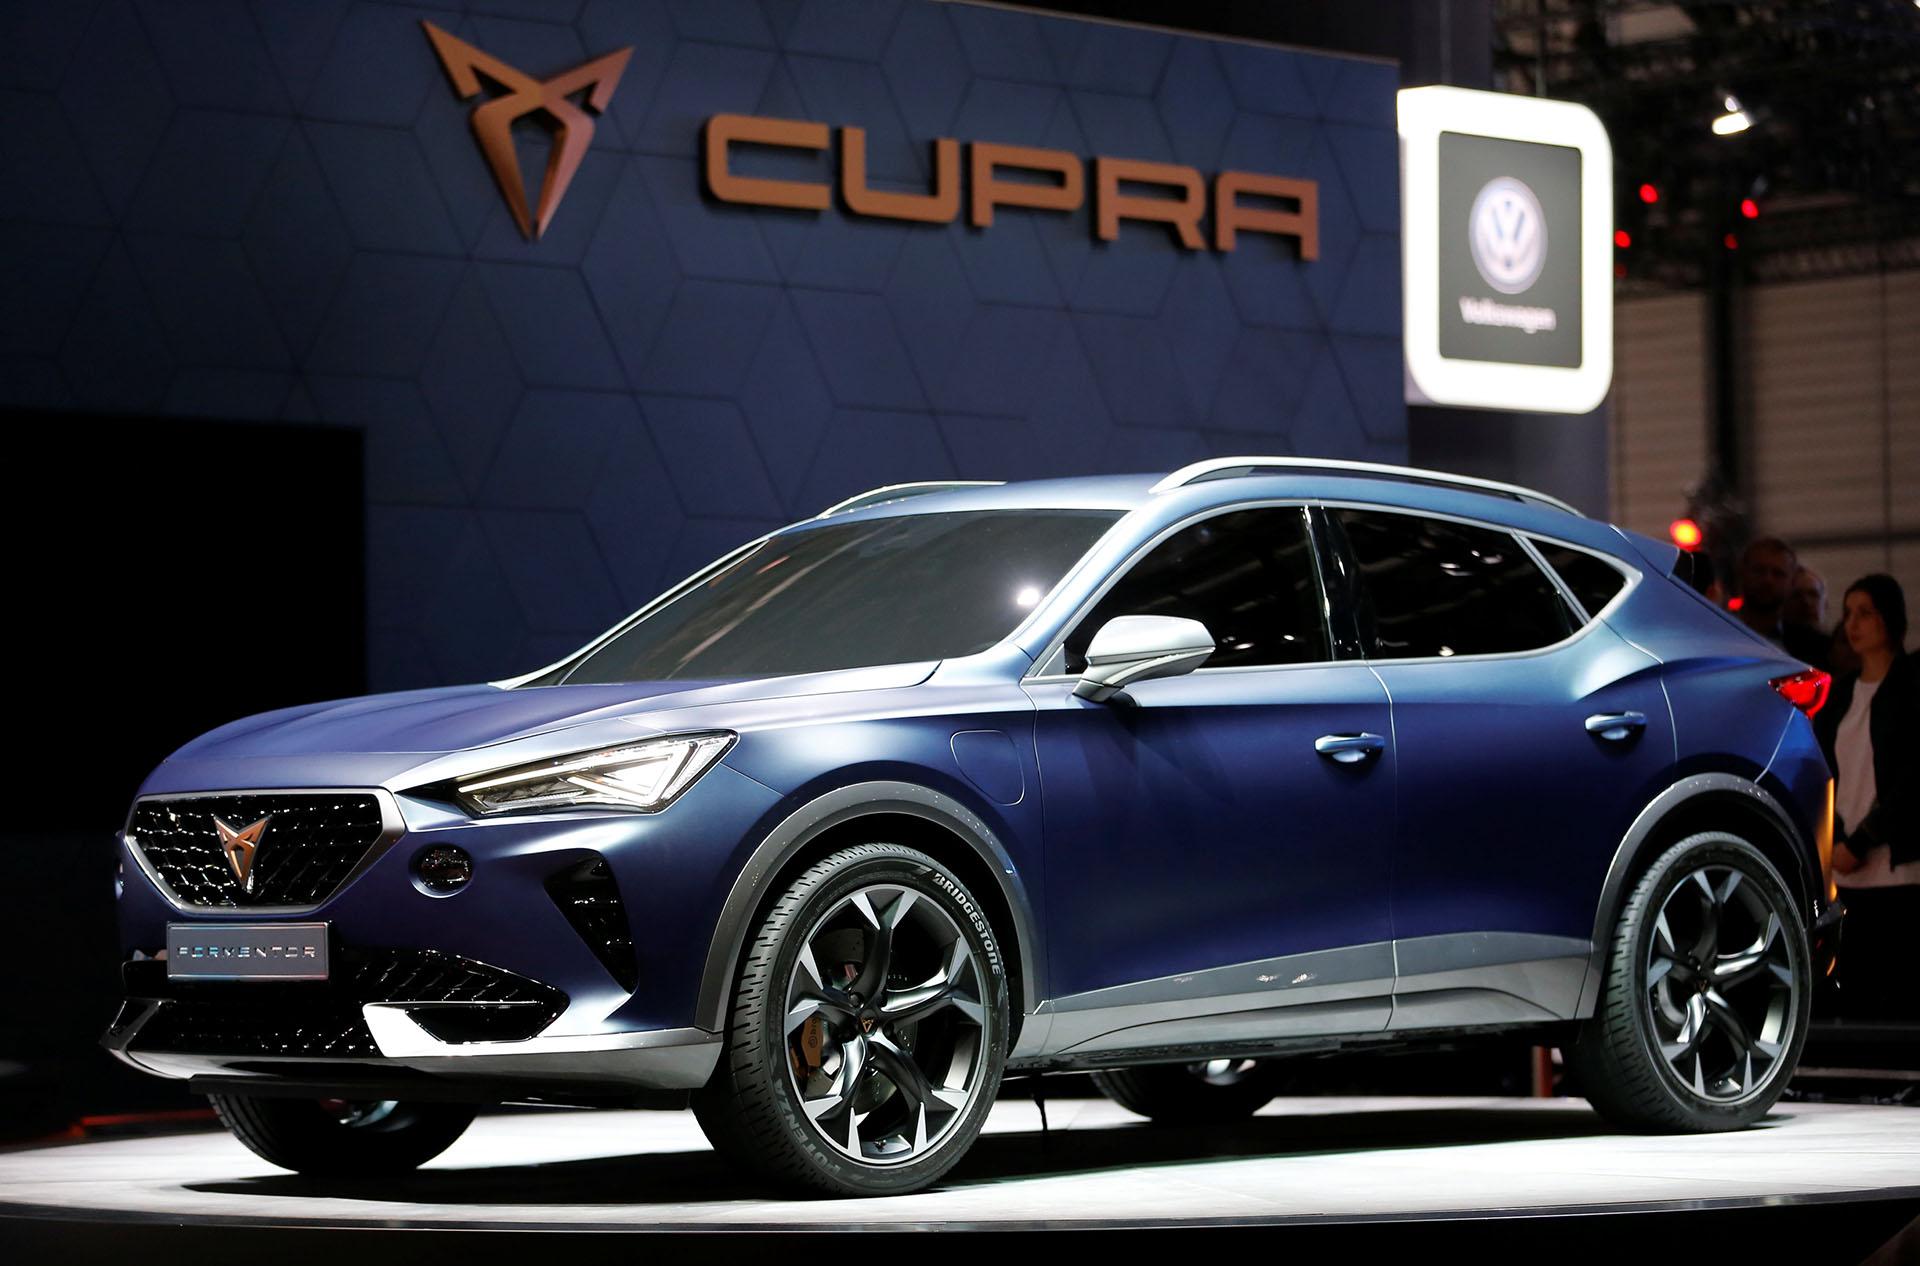 El nuevo SEAT Cupra Formentortiene propulsión híbrida enchufable y una potencia de 245 caballos